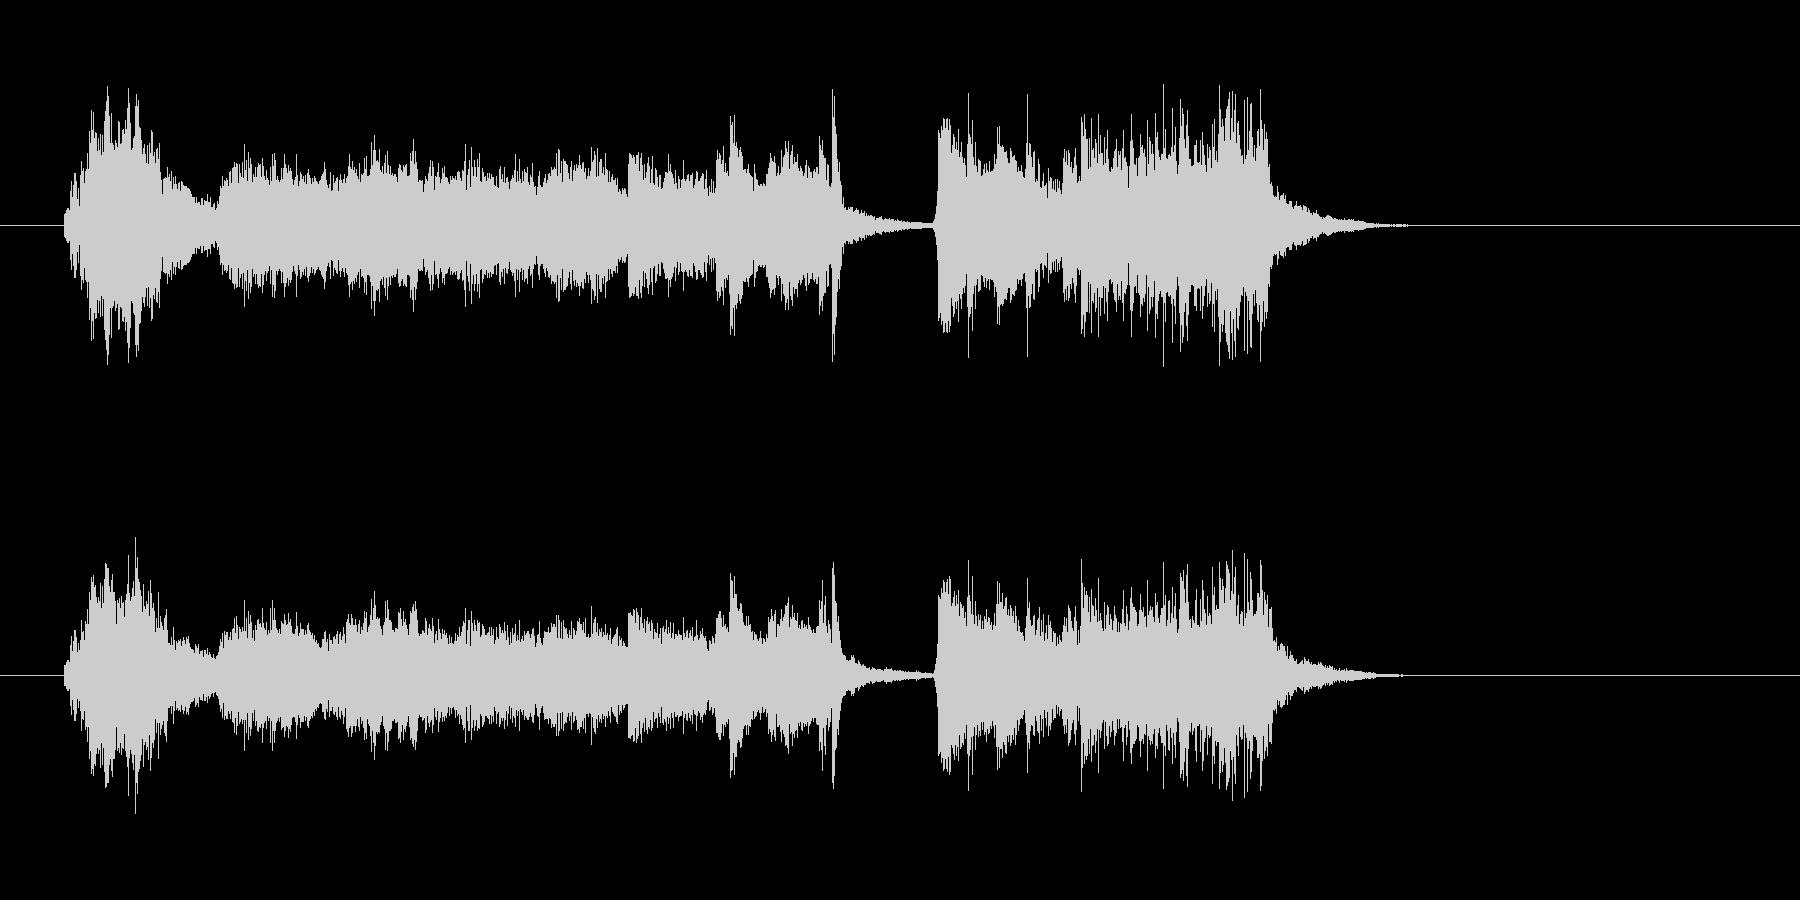 ハープ 美しい ピアノ バイオリンの未再生の波形